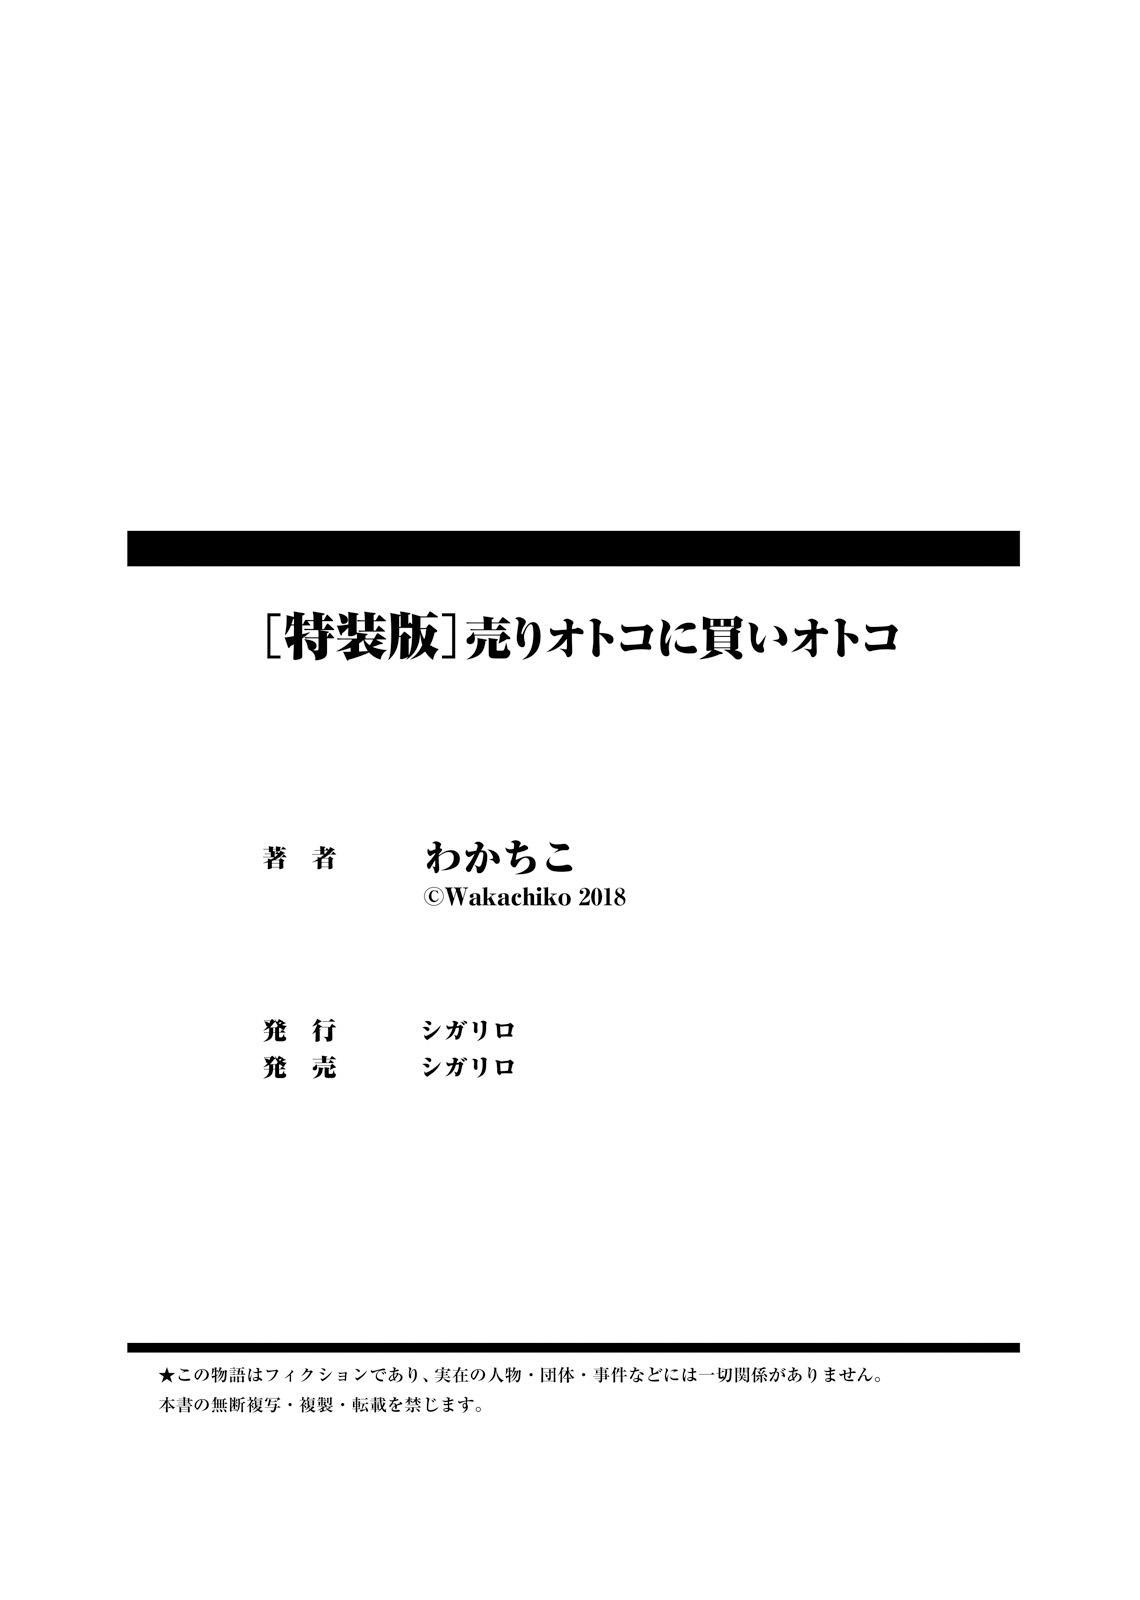 Uriotoko ni Kaiotoko 163